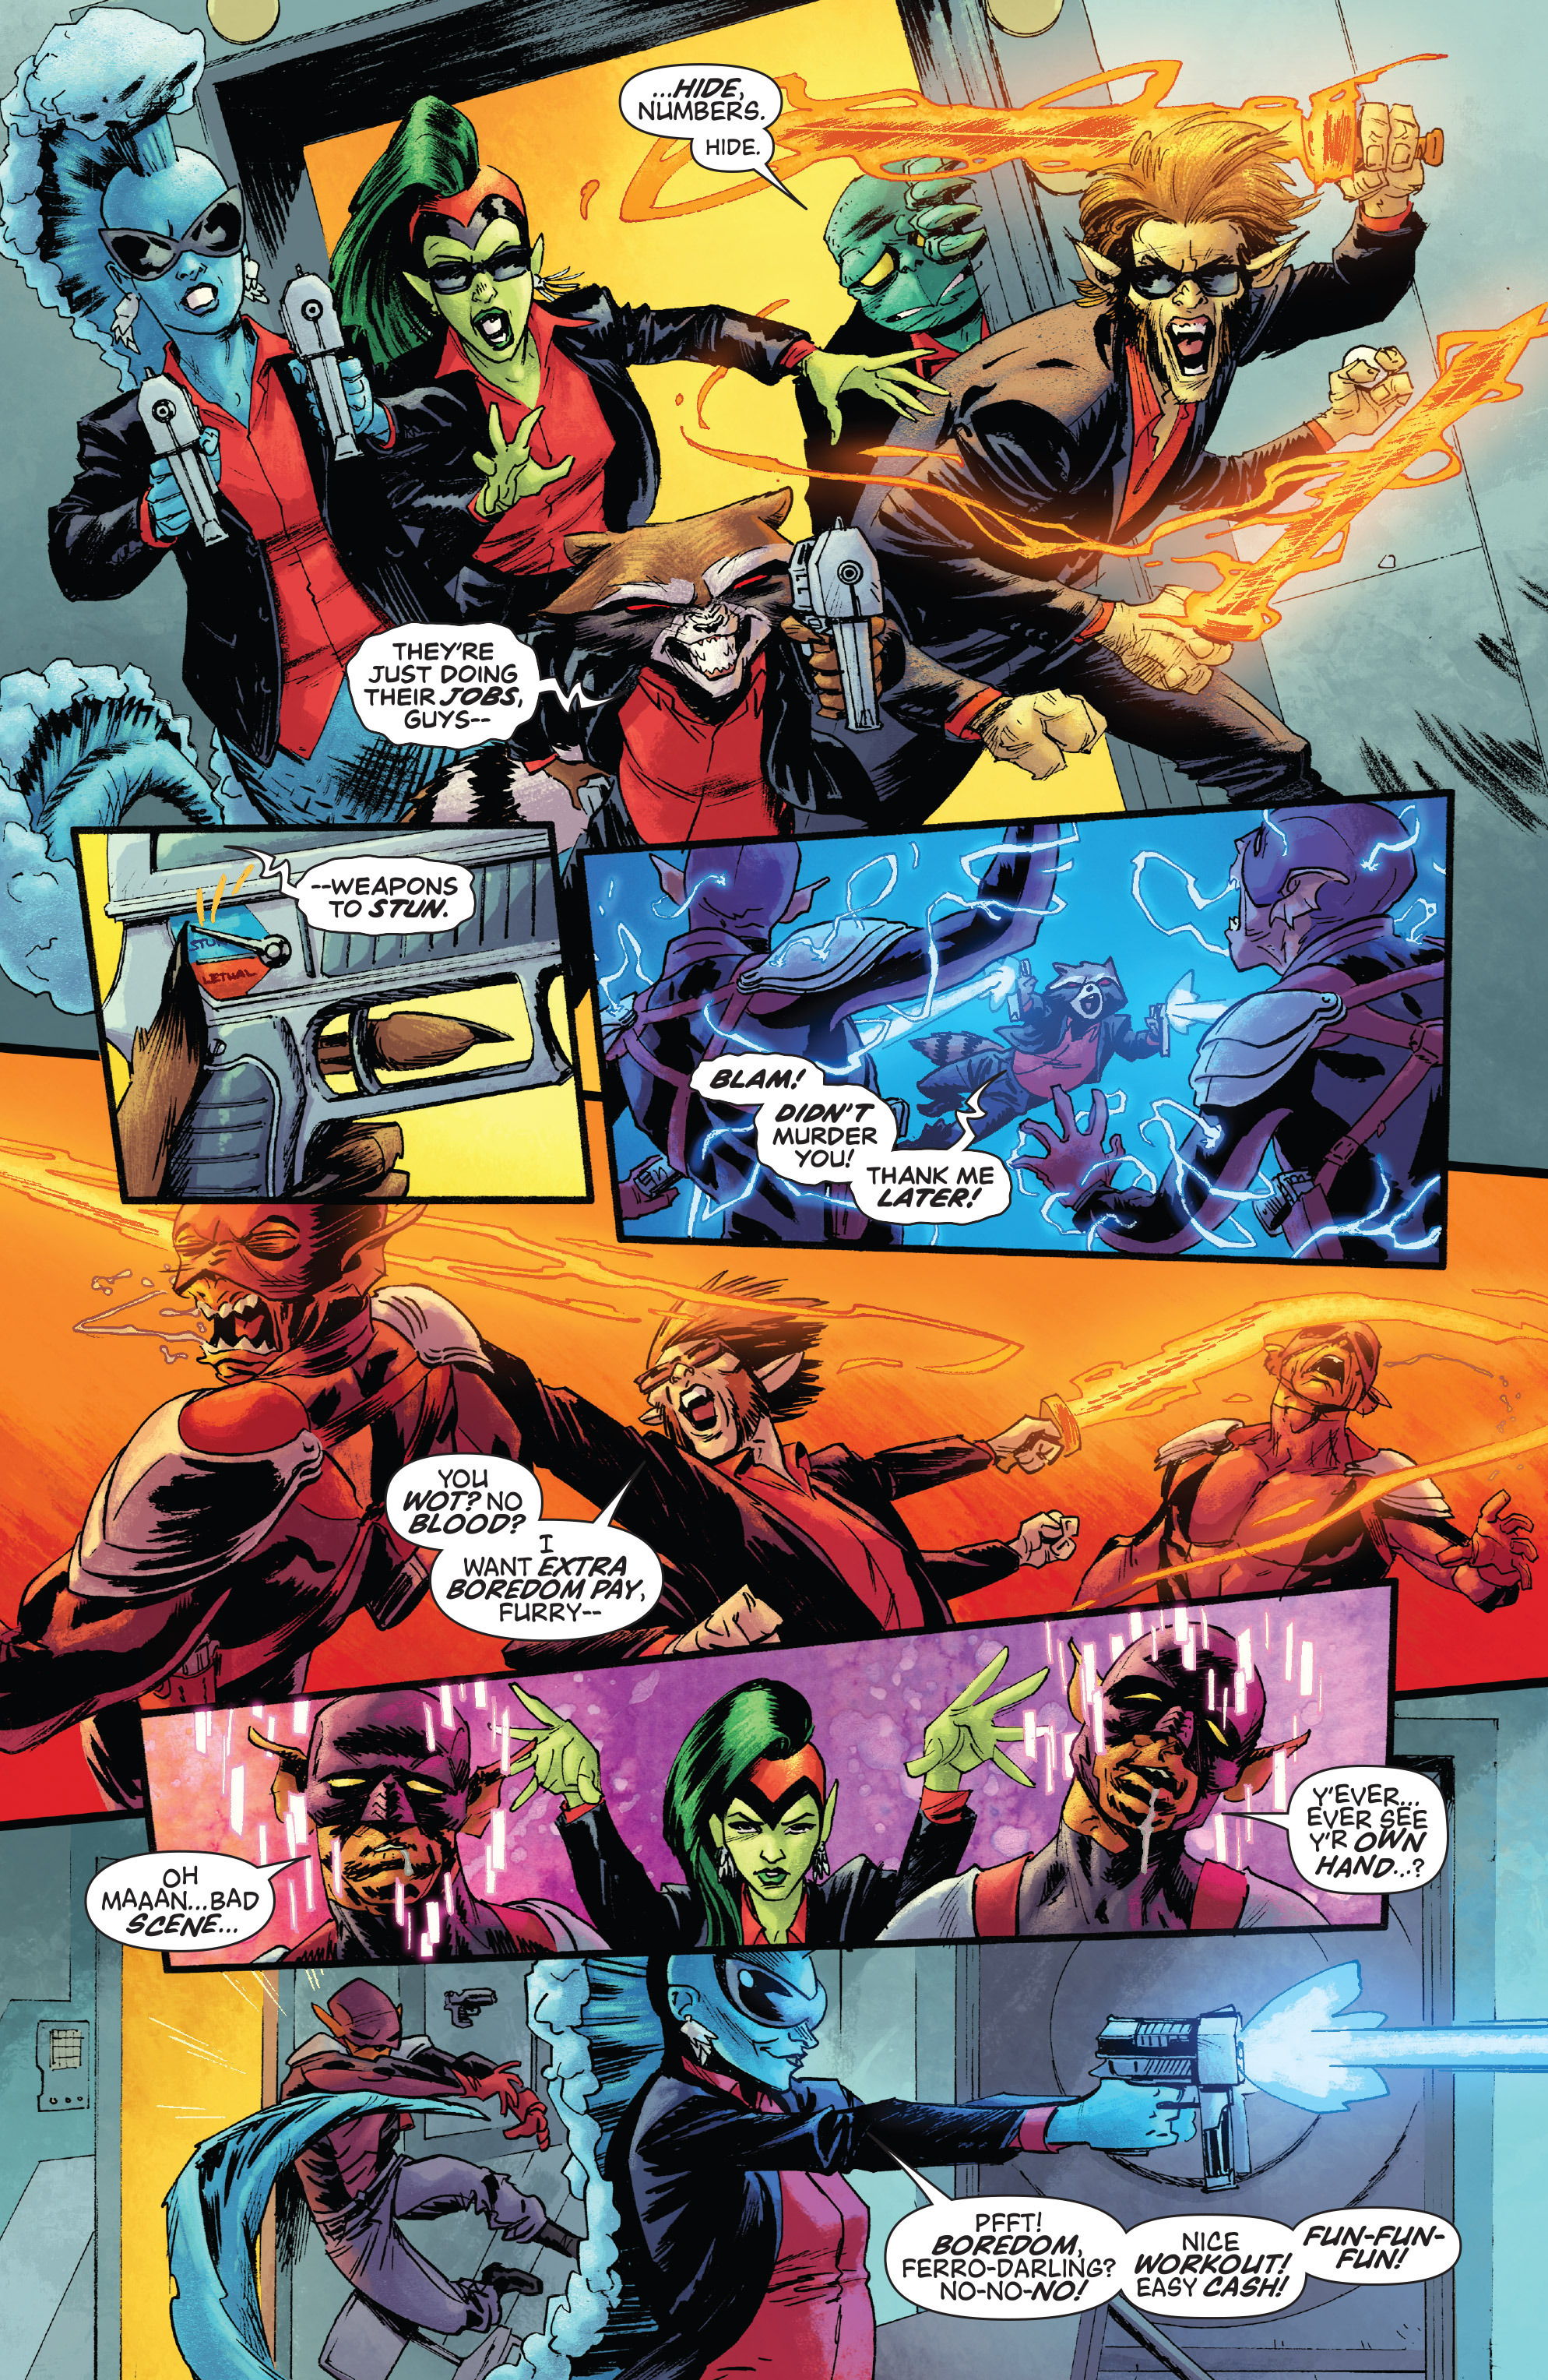 Read online Rocket comic -  Issue #1 - 18